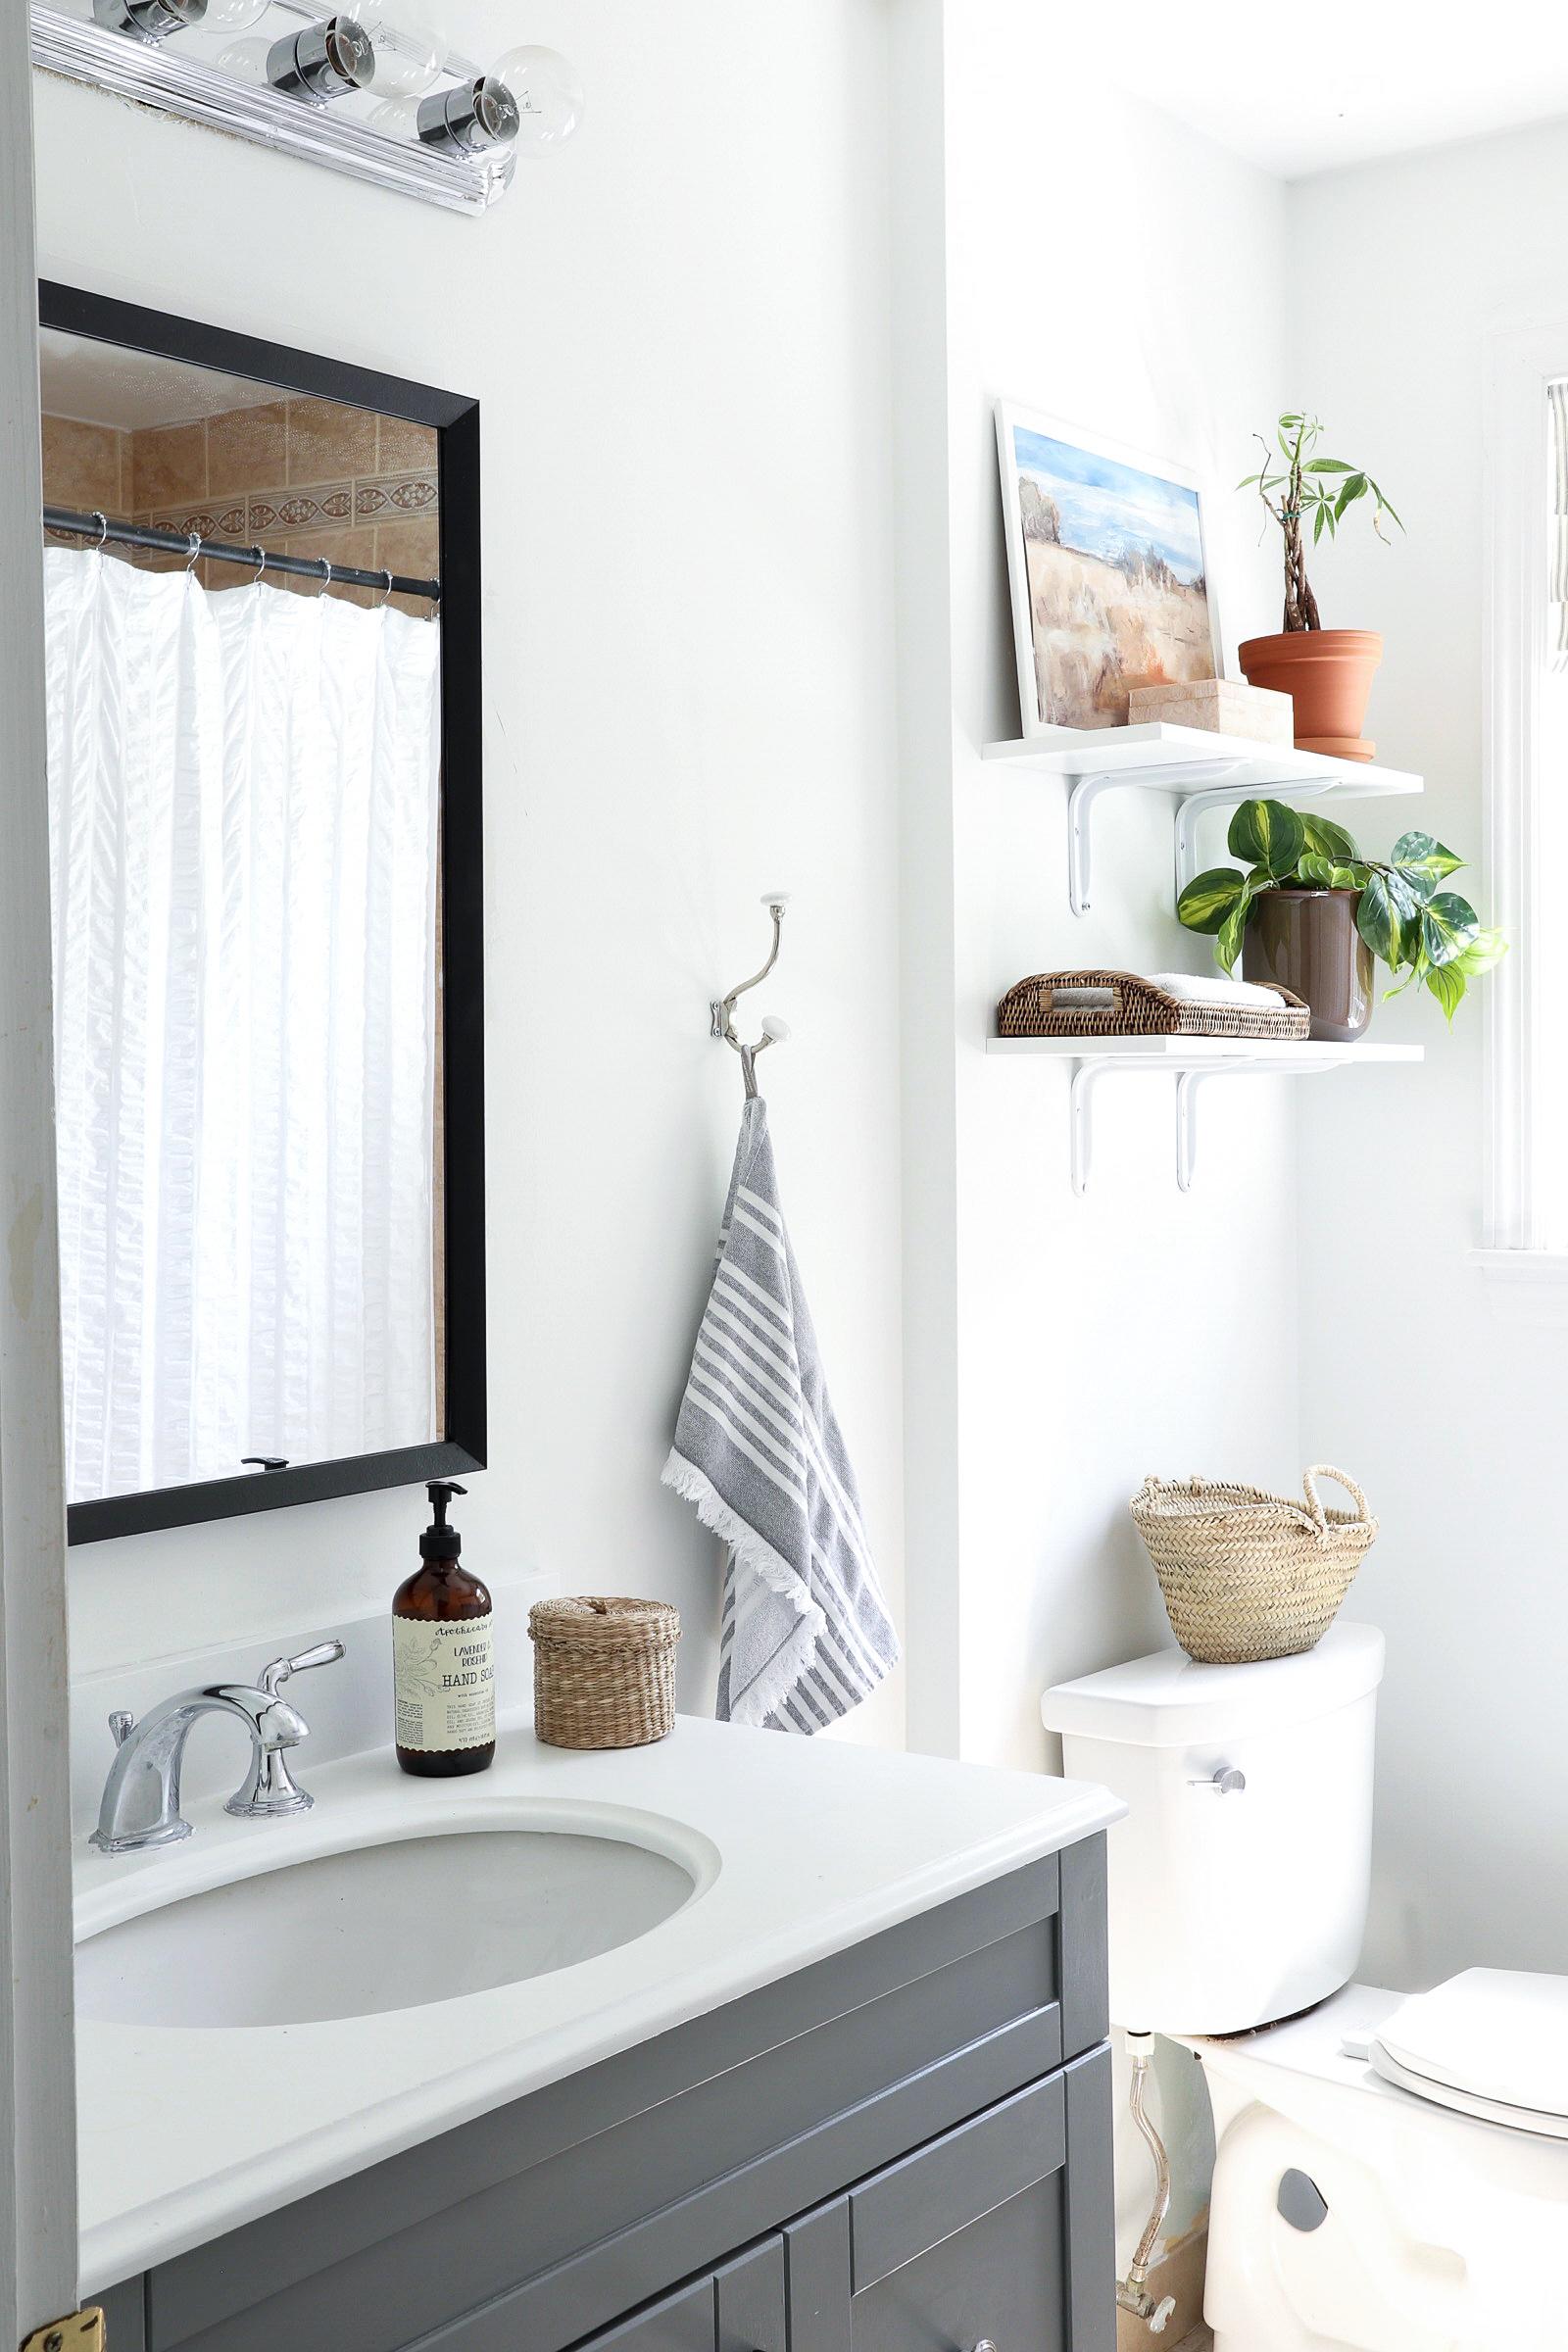 DIY-Painted-Counters-Bathroom.jpg